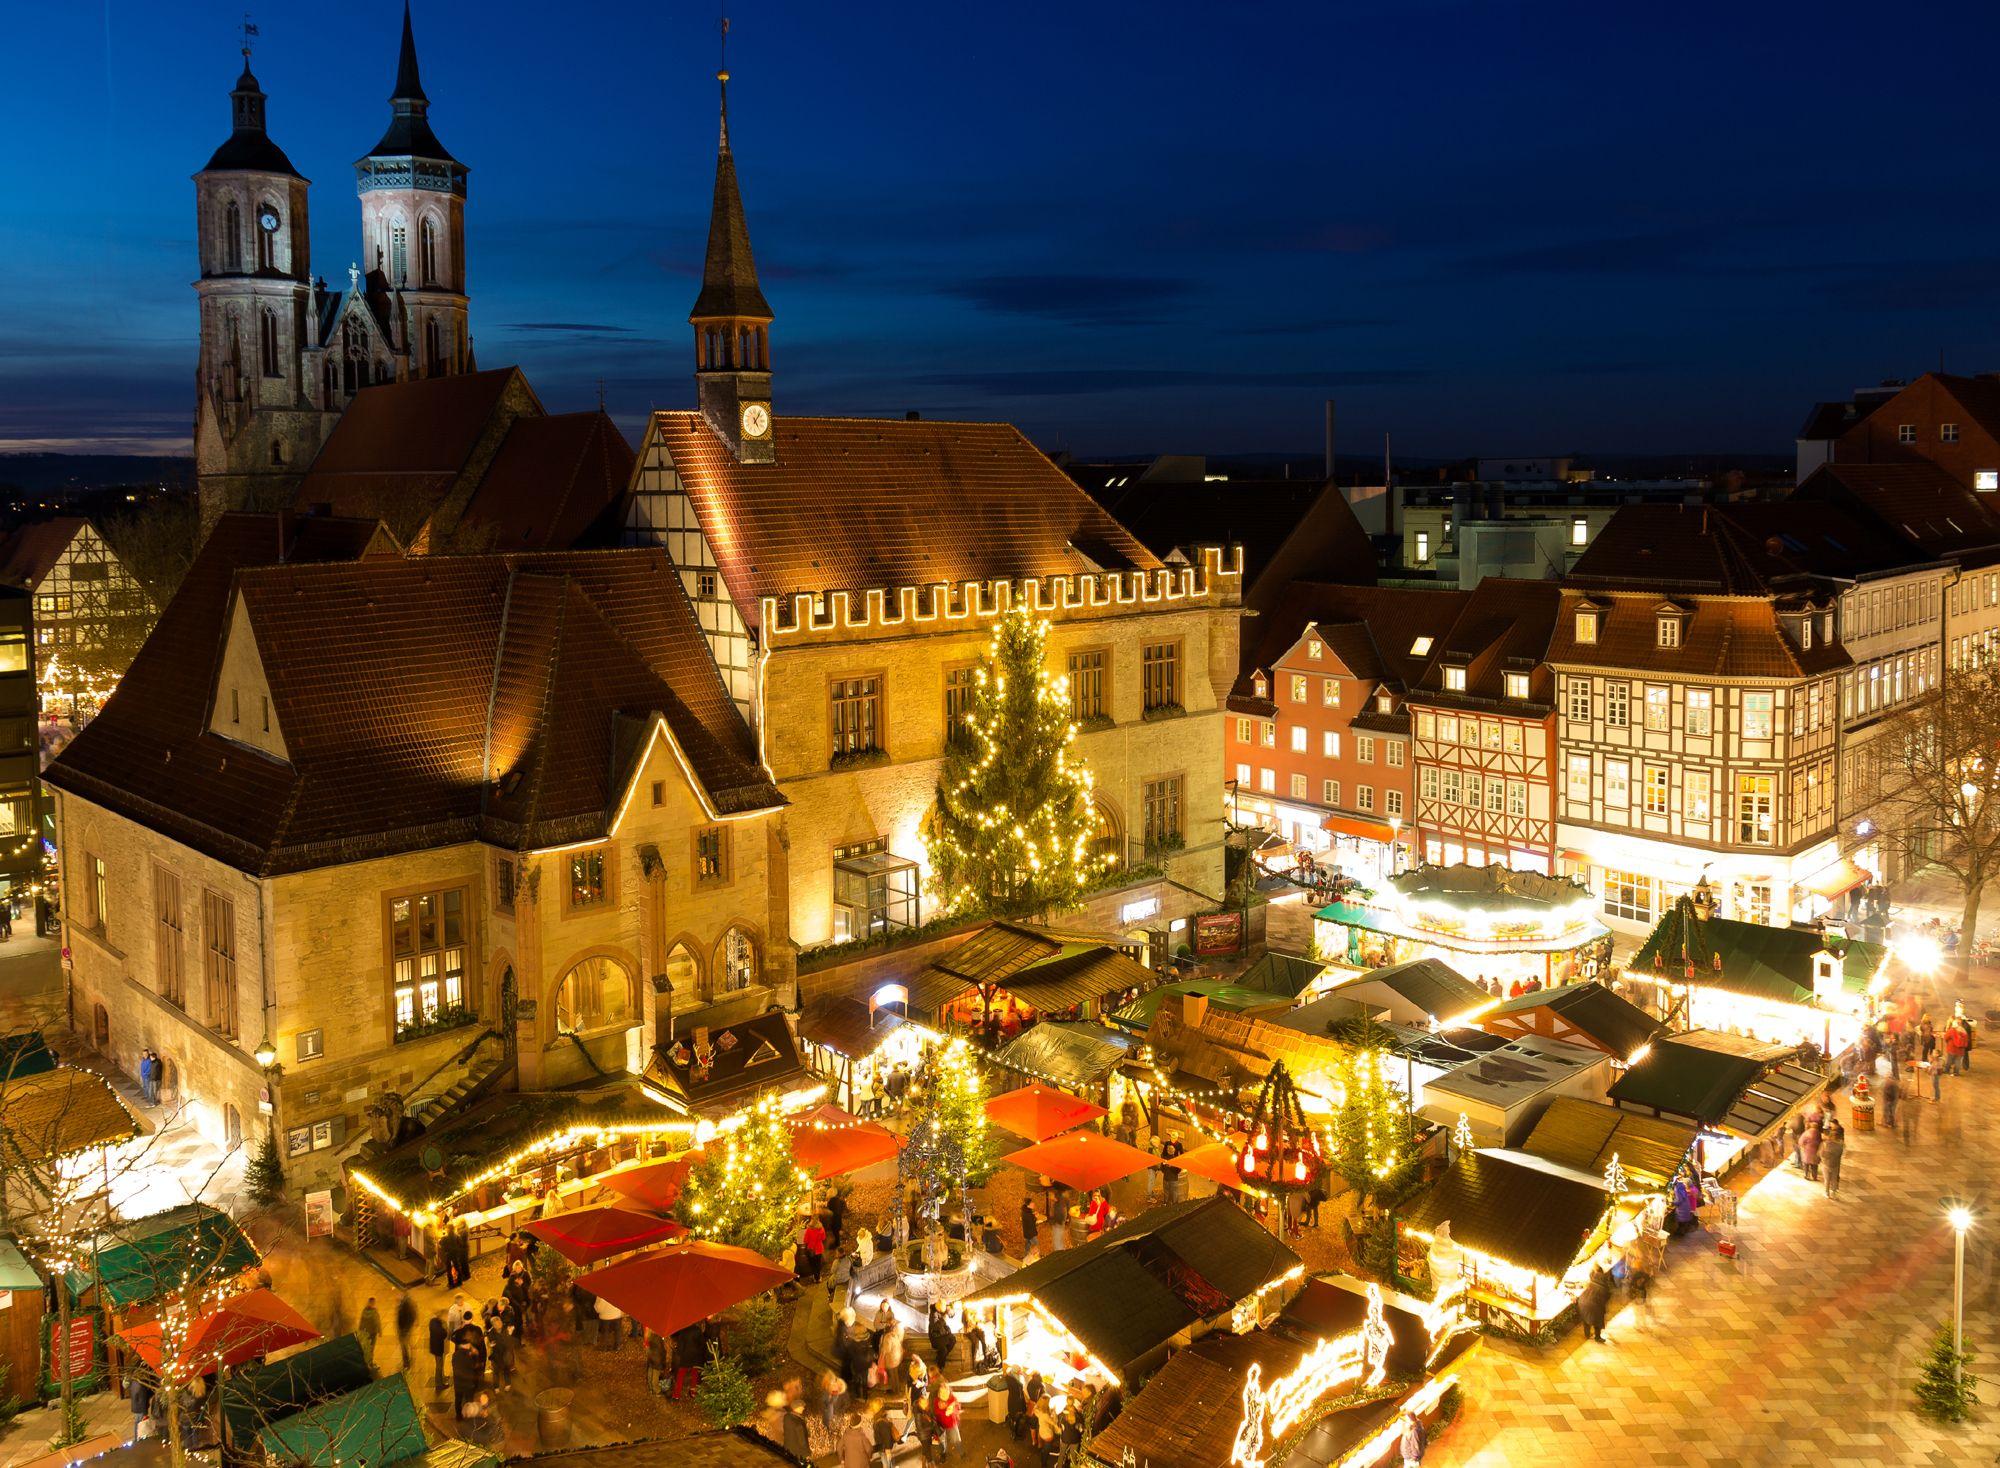 weihnachtsmarkt vor dem alten rathaus in g ttingen. Black Bedroom Furniture Sets. Home Design Ideas